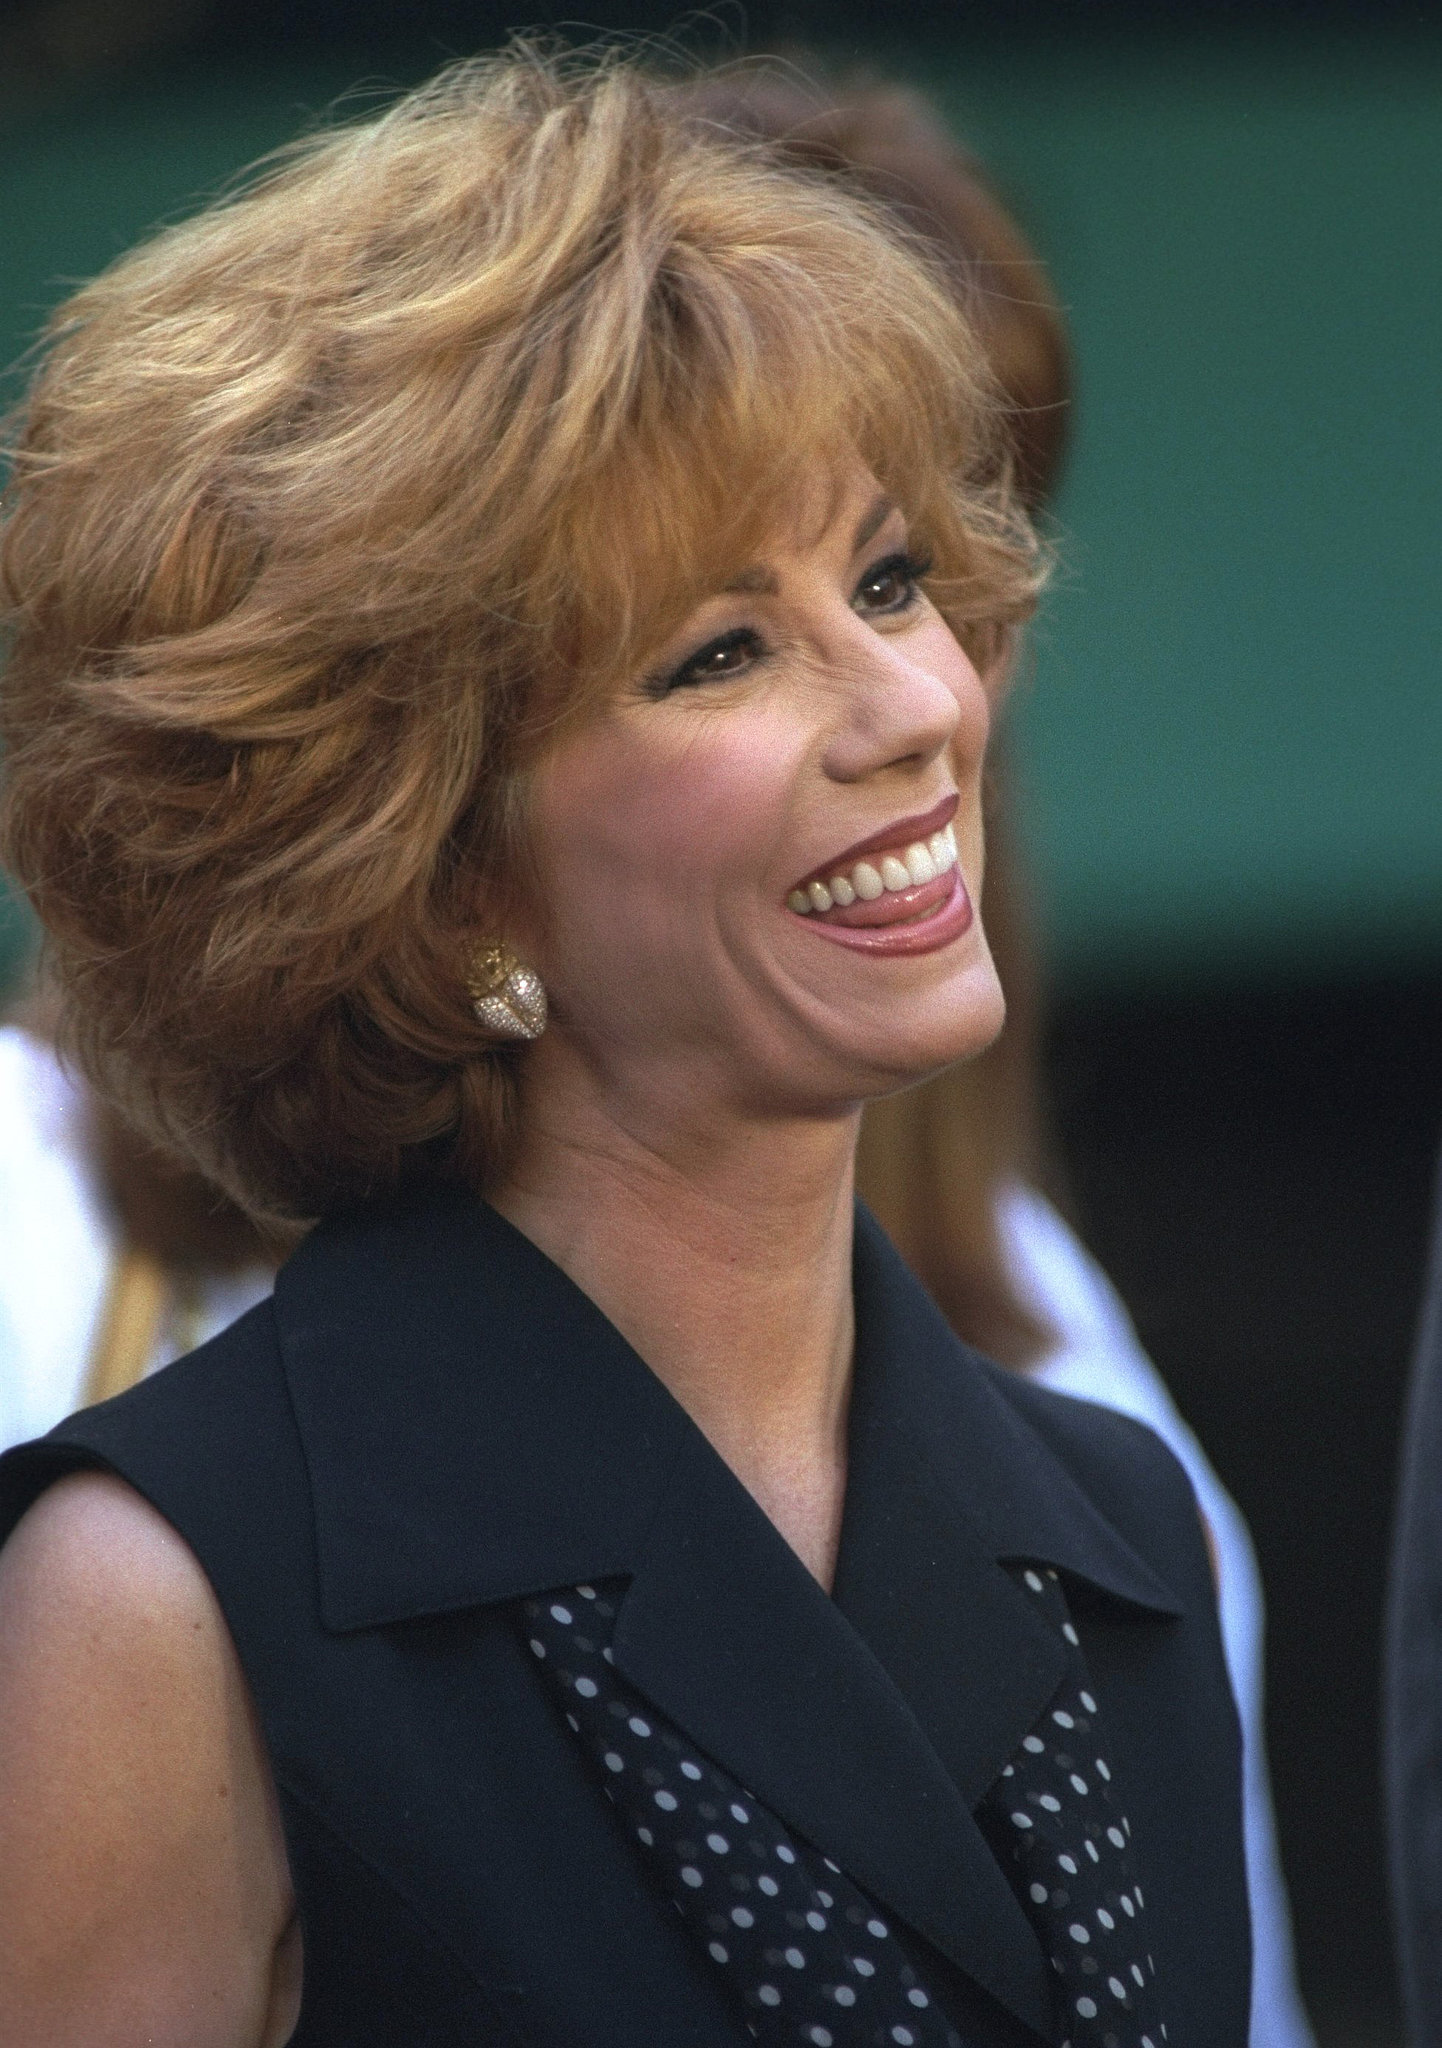 Kathie Lee Gifford 1997 Kathie Lee Gifford 1997